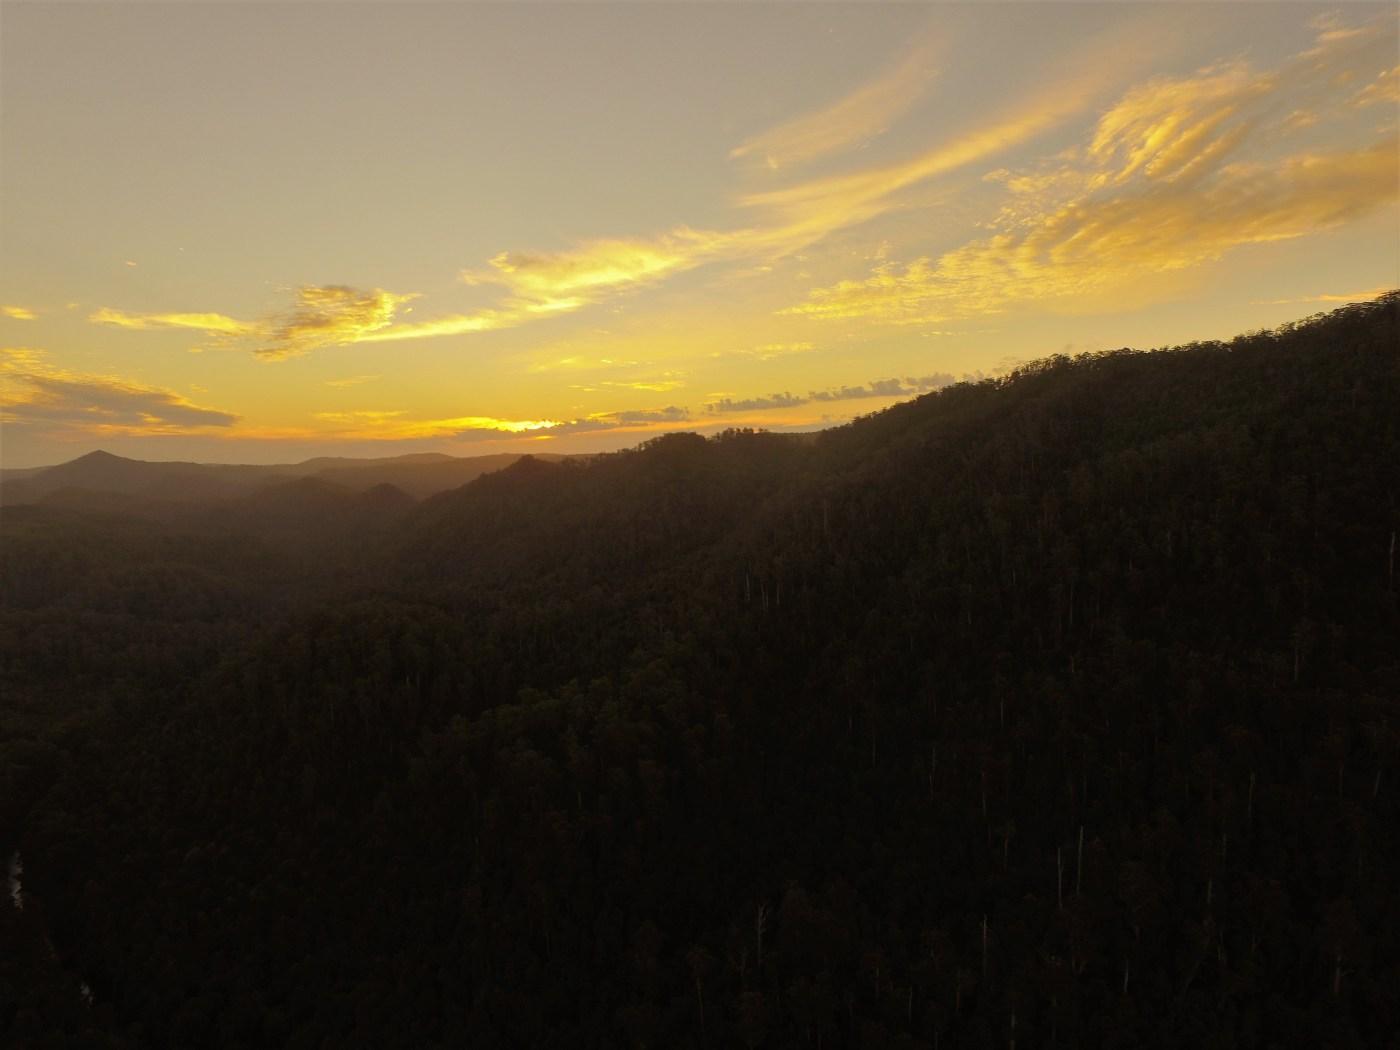 sunset - Hidden Arthur River Camping Spot